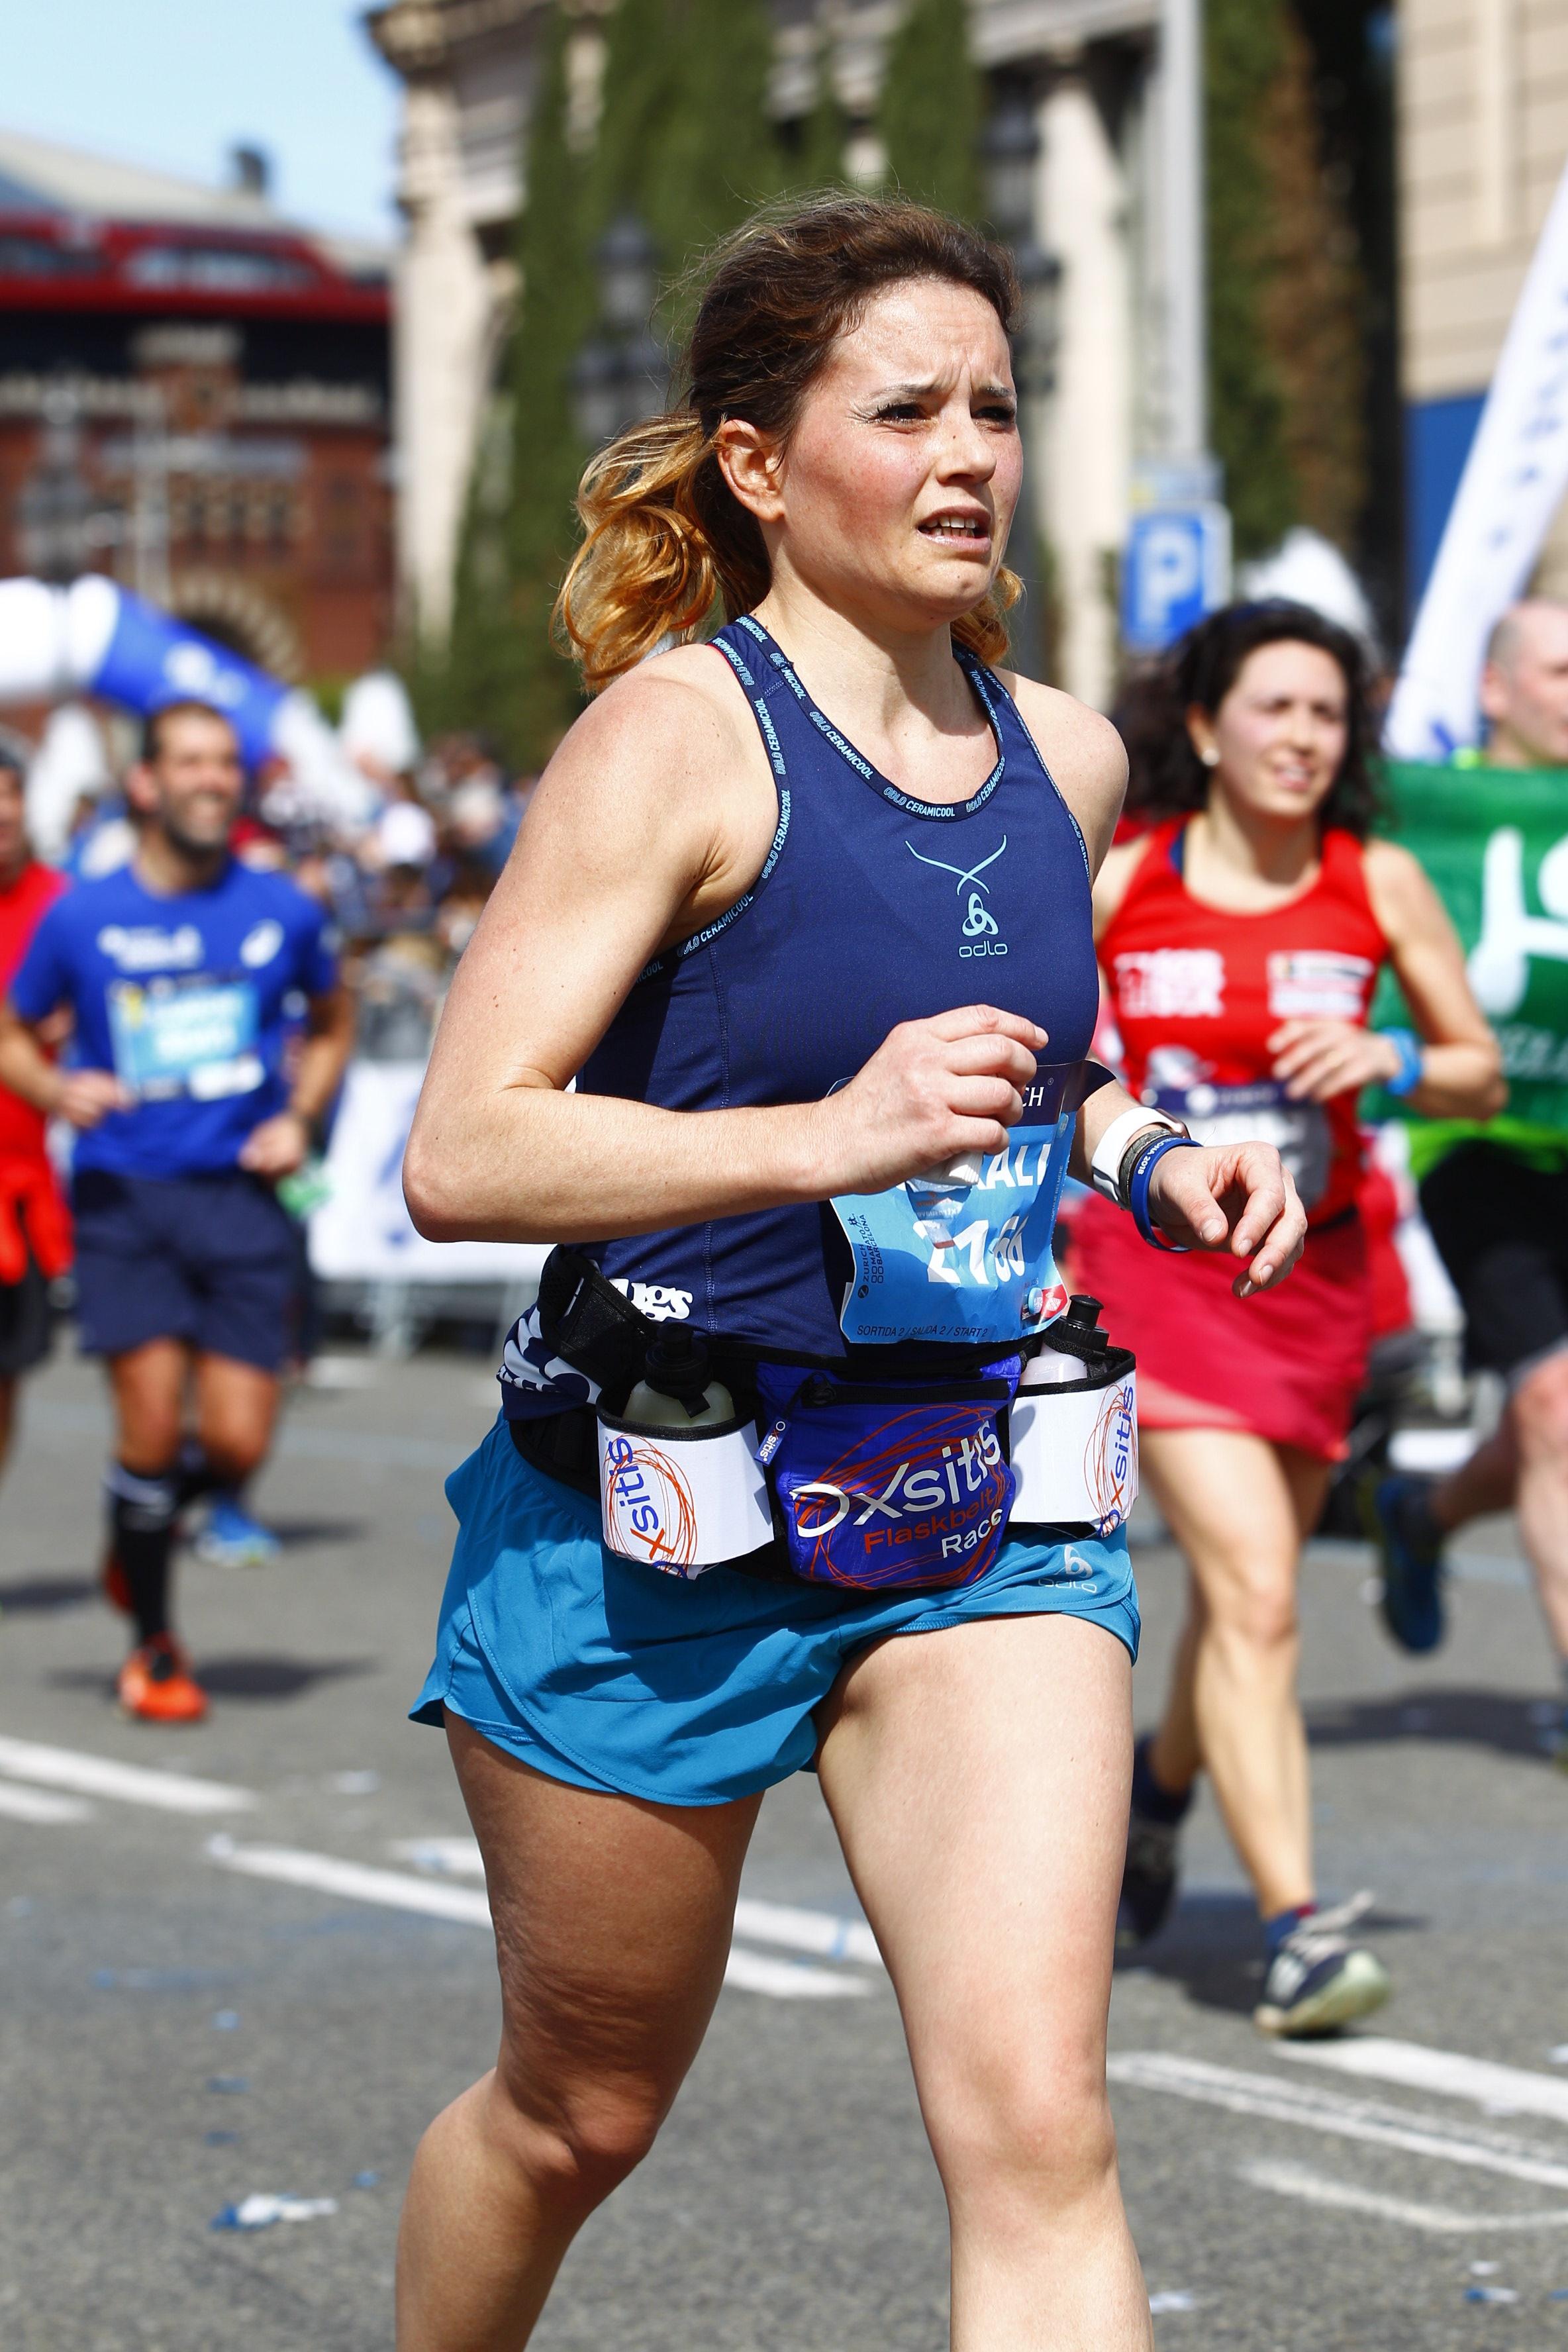 odlo, oxsitis, running, marathon